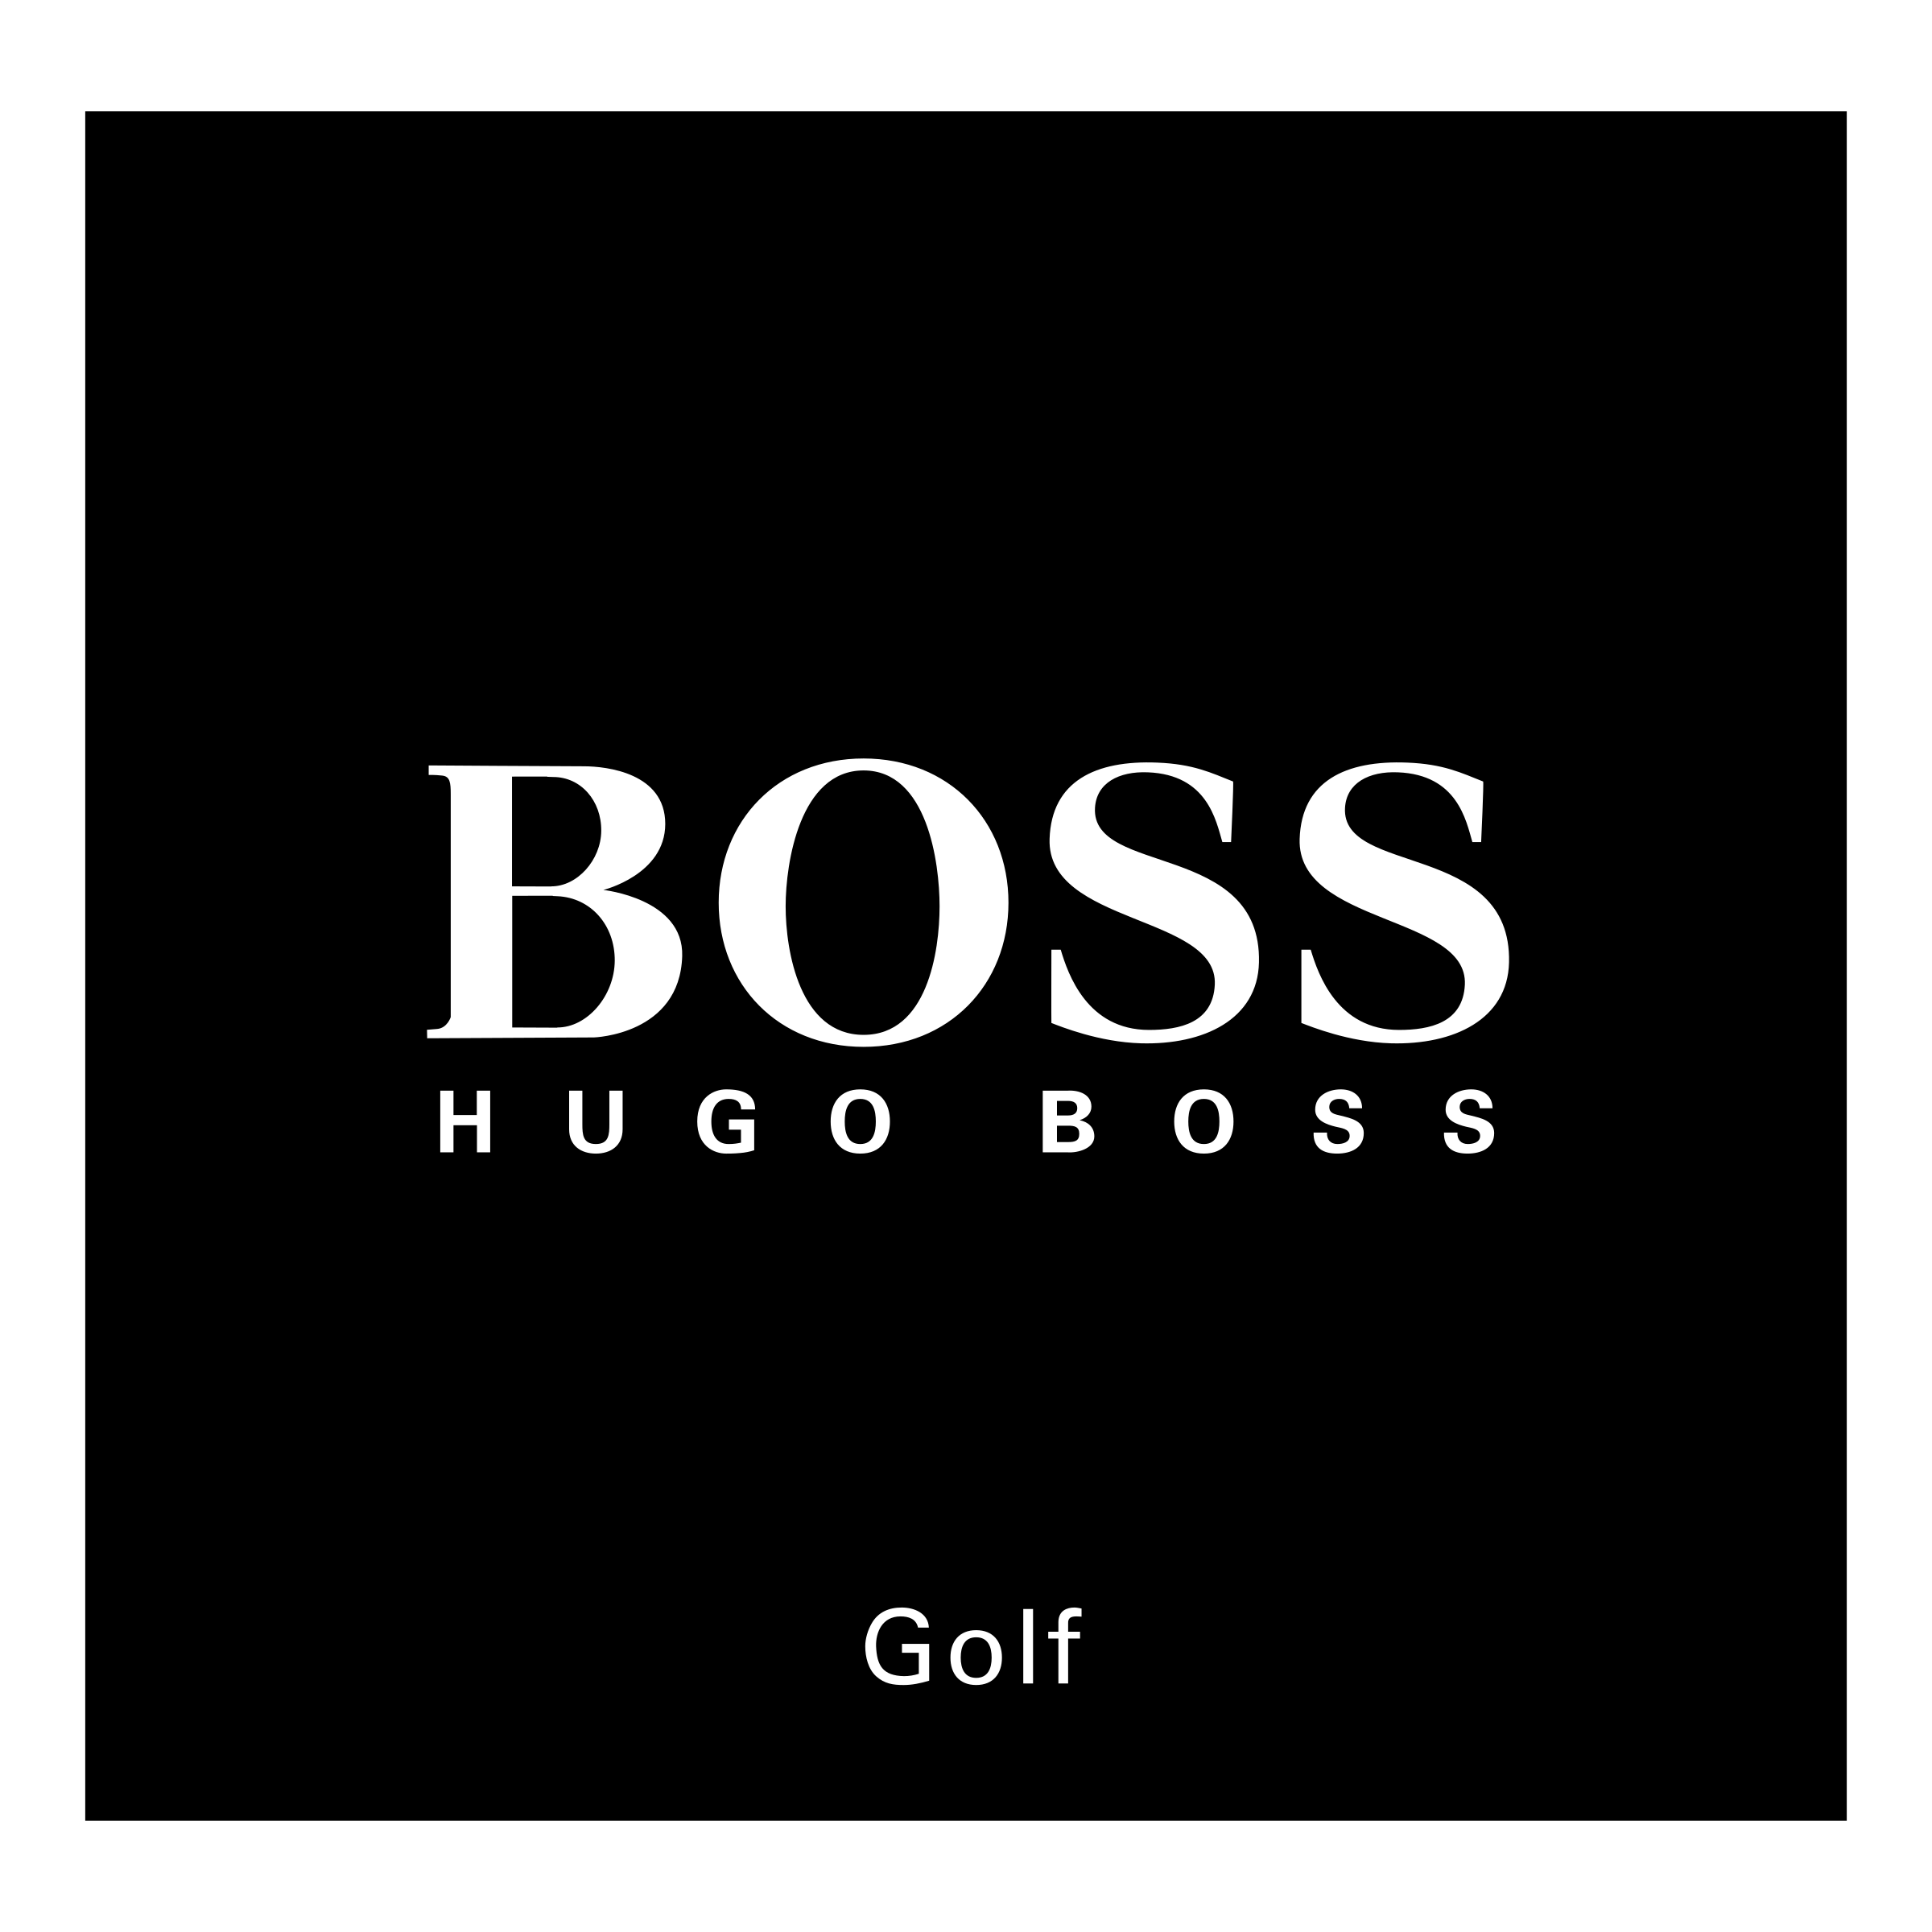 Boss Hugo Boss Golf Logo PNG Transparent & SVG Vector.